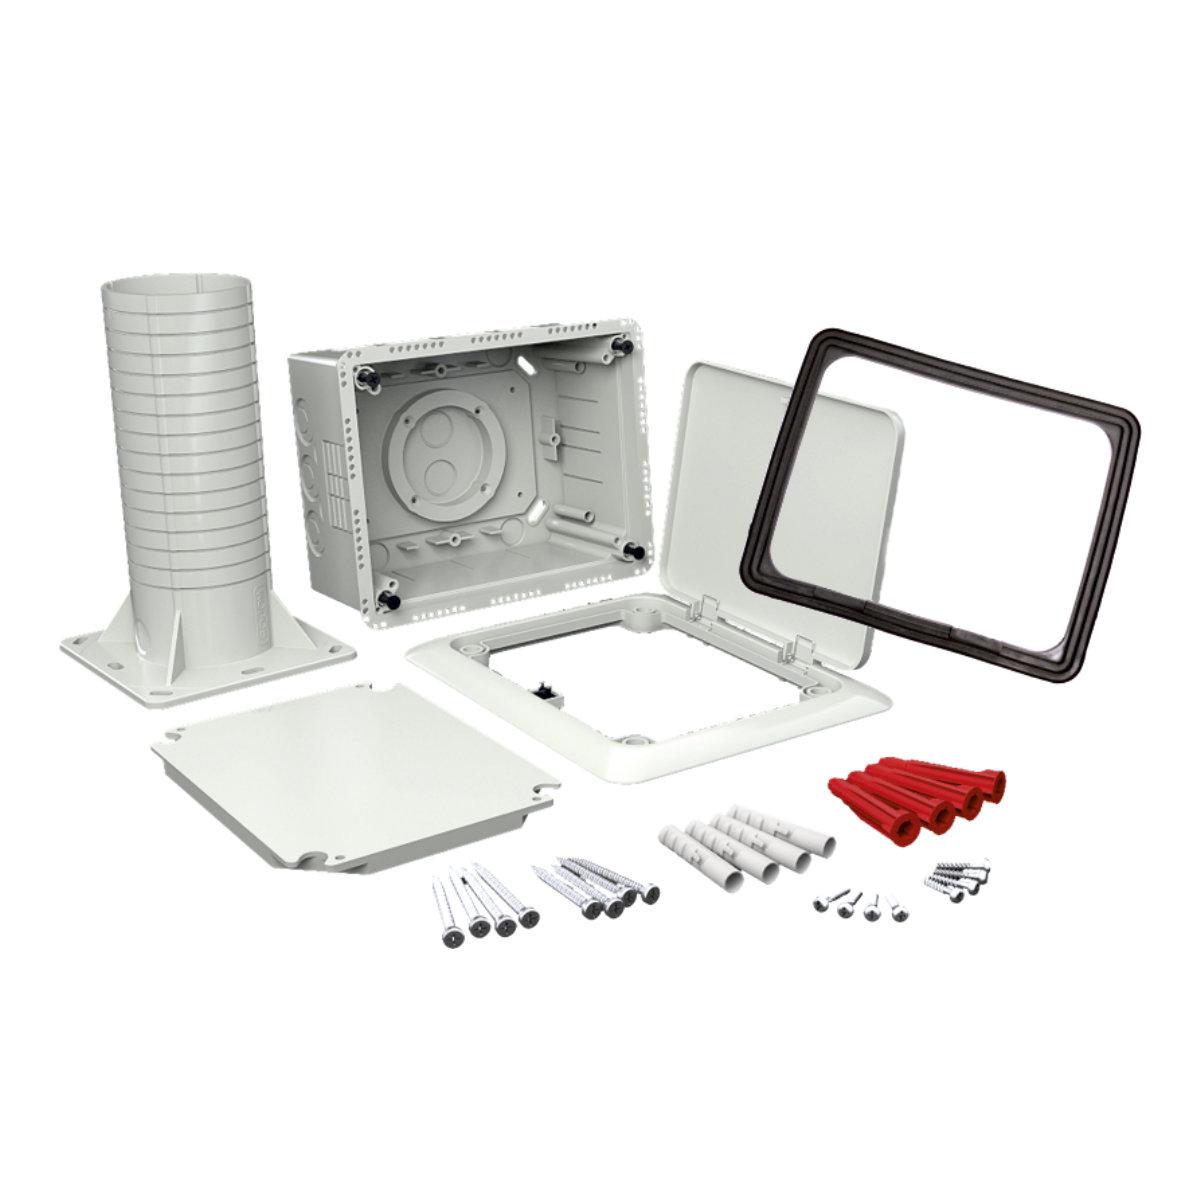 92a70010e KUZ-VOI KB - krabice univerzální do zateplení s tubusem a otevíracím víkem